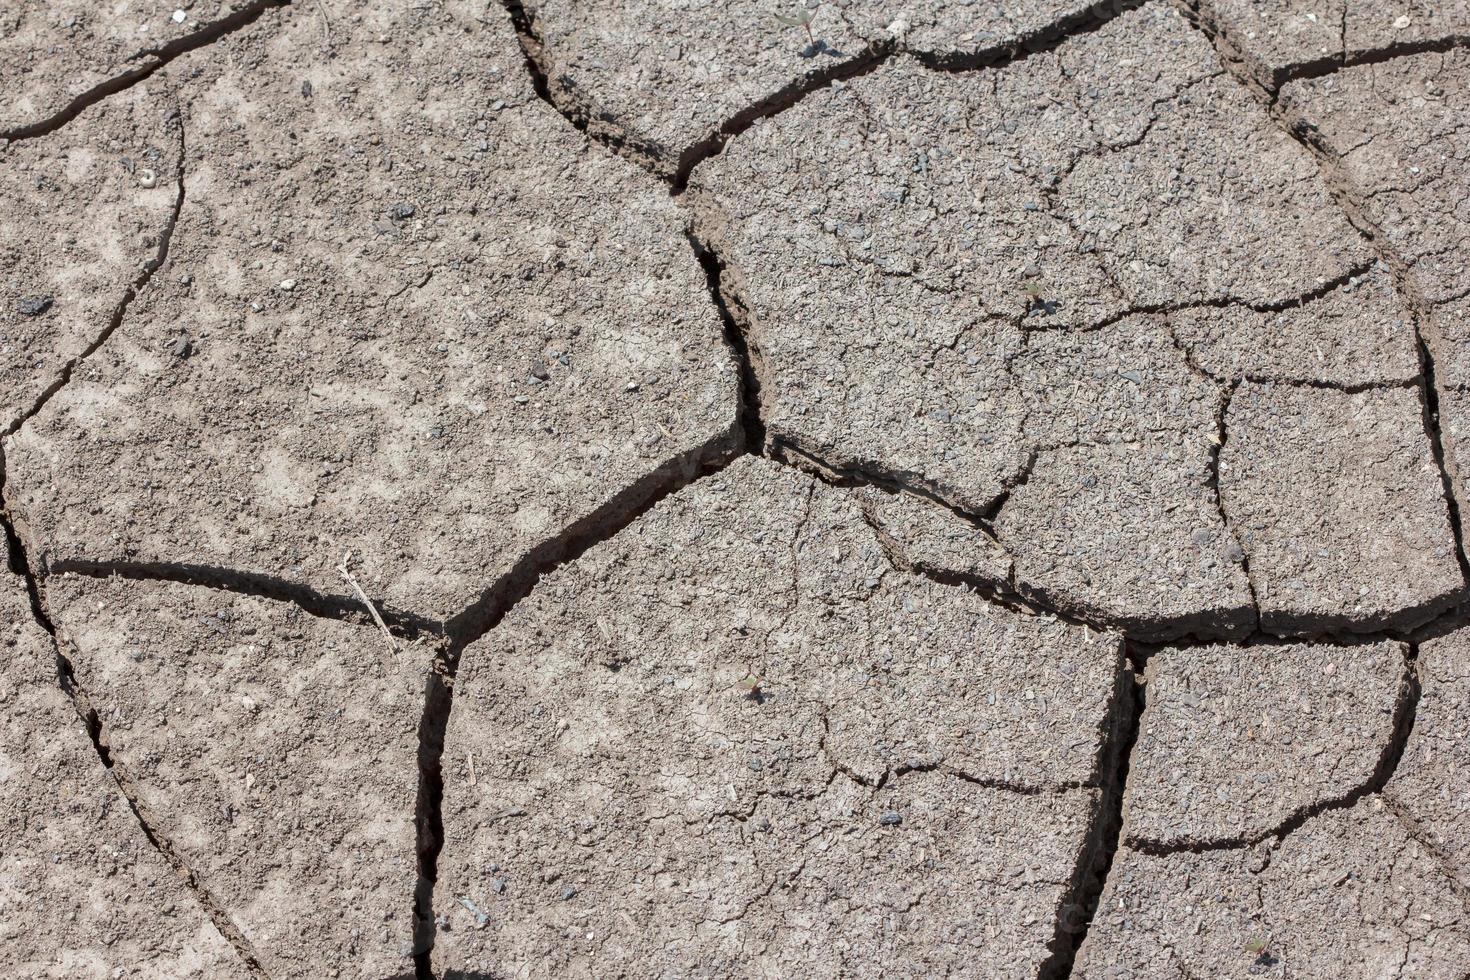 terre sèche et craquelée photo